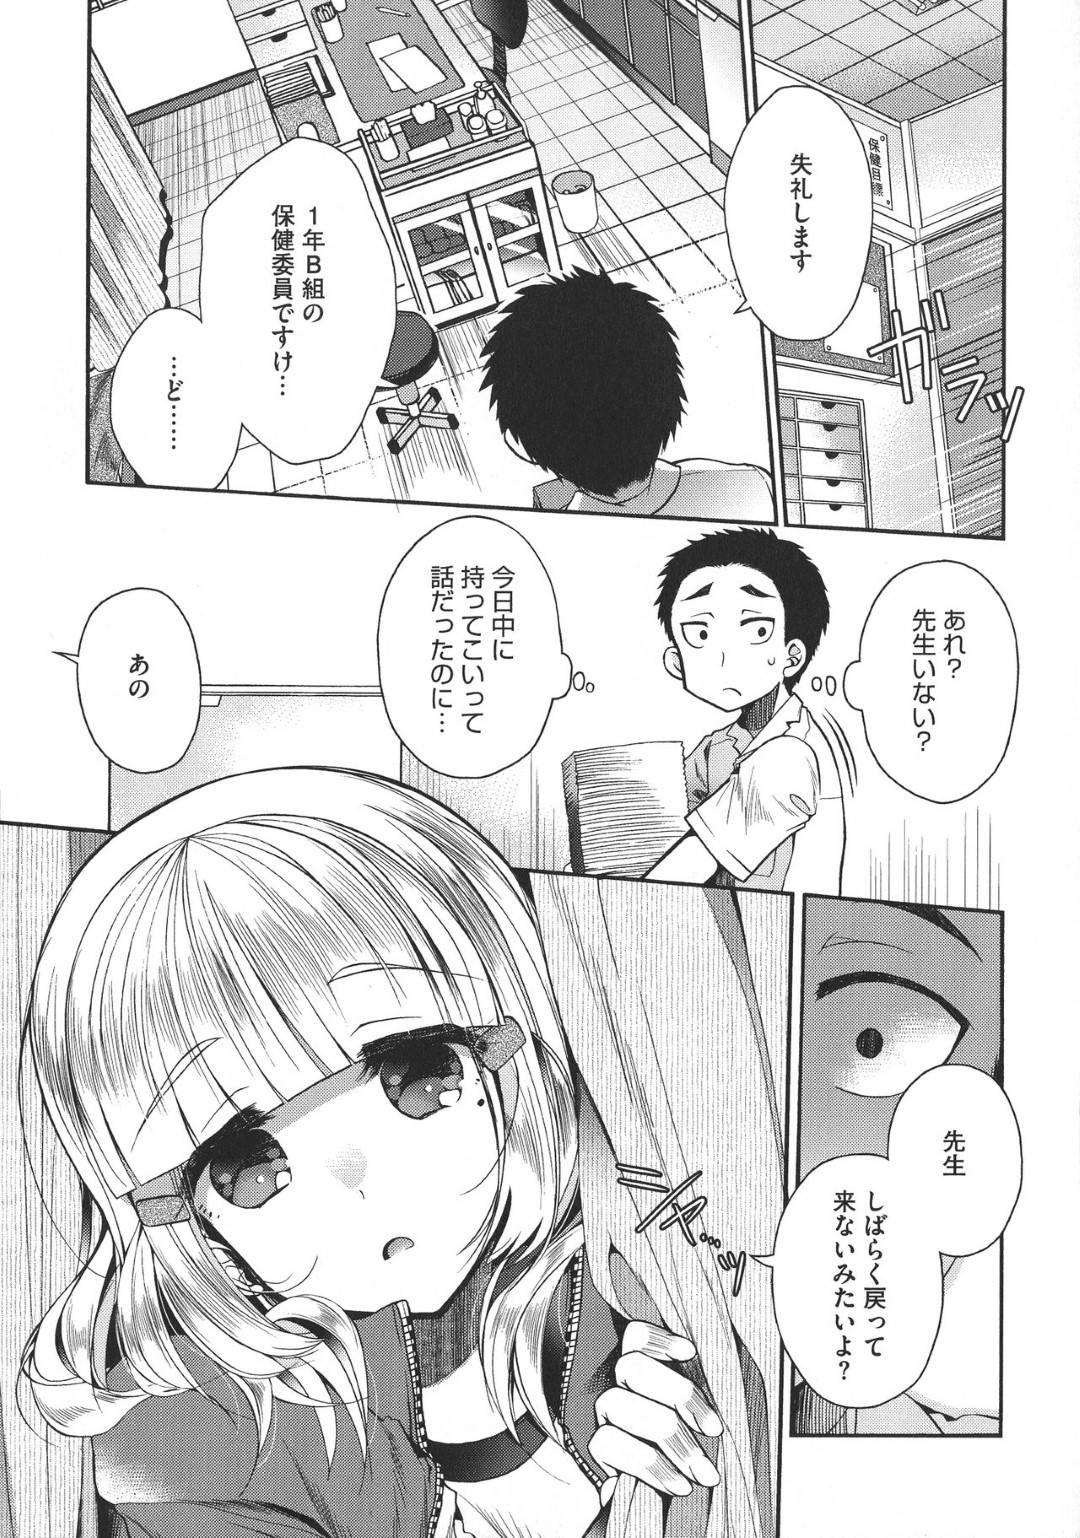 【ヤリマン女子高生エロ漫画】ヤリマンで有名なサセ子に恋している透は、保健室に行くとサセ子に押し倒され意中の先輩に筆おろしされる【いづみやおとは】